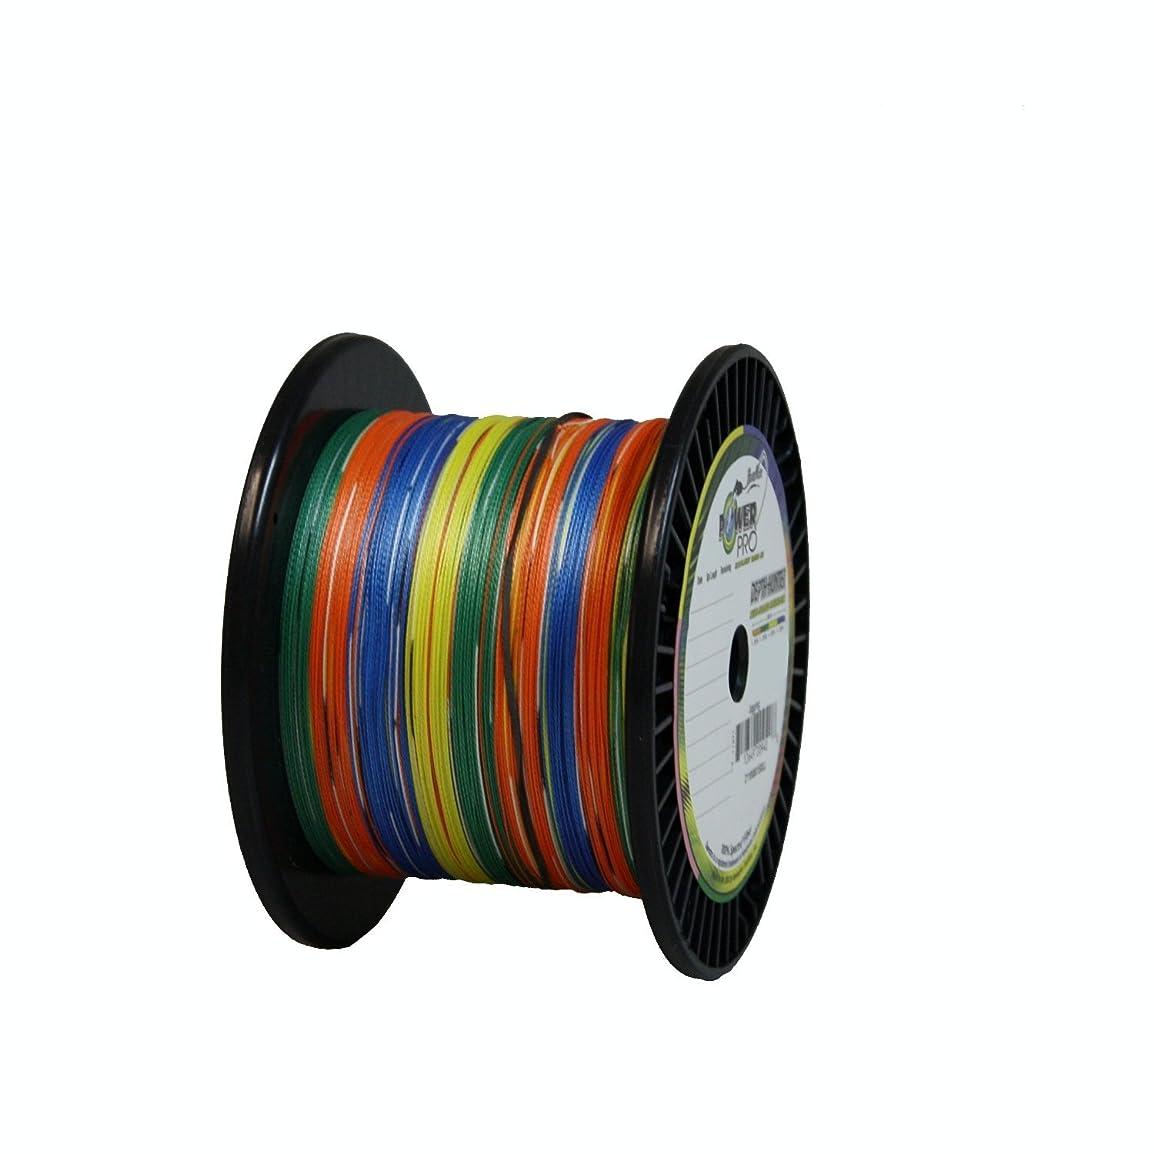 共同選択消化器邪魔するPower Pro Braided Spectra Line 80lb by 1500yds Depth Hunter Multicolor (9408)